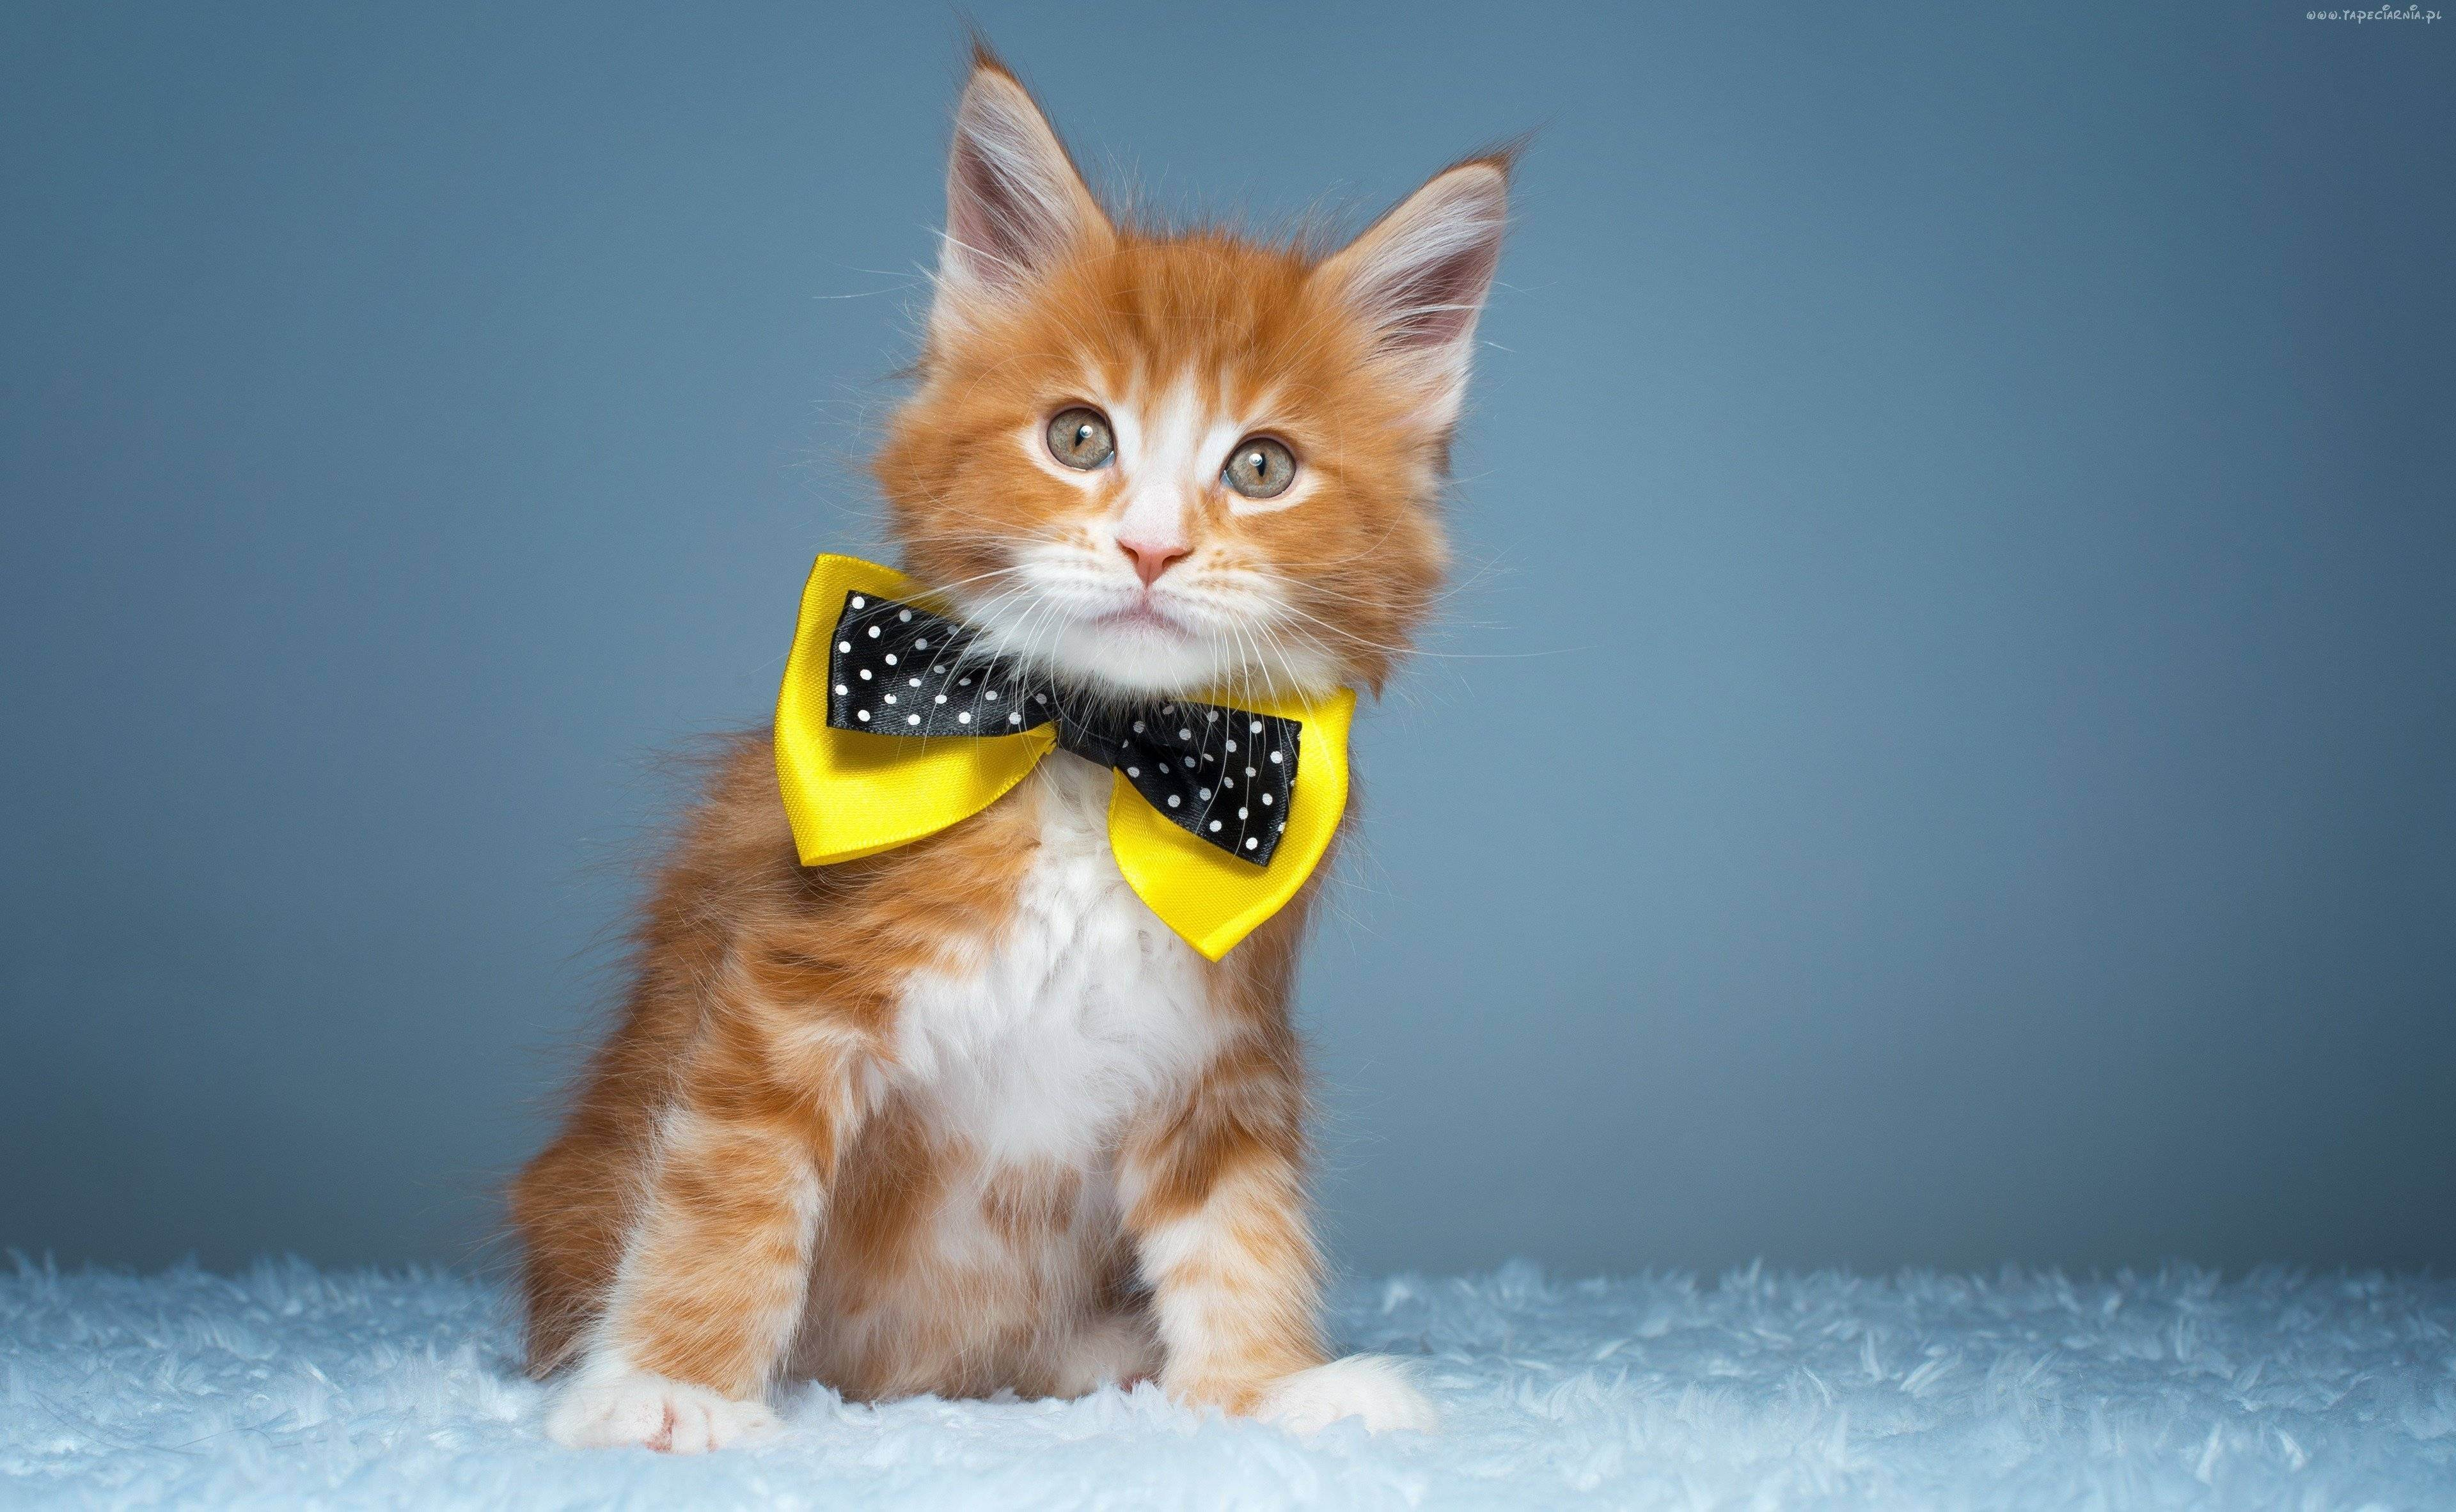 Самые популярные клички кошек и котов